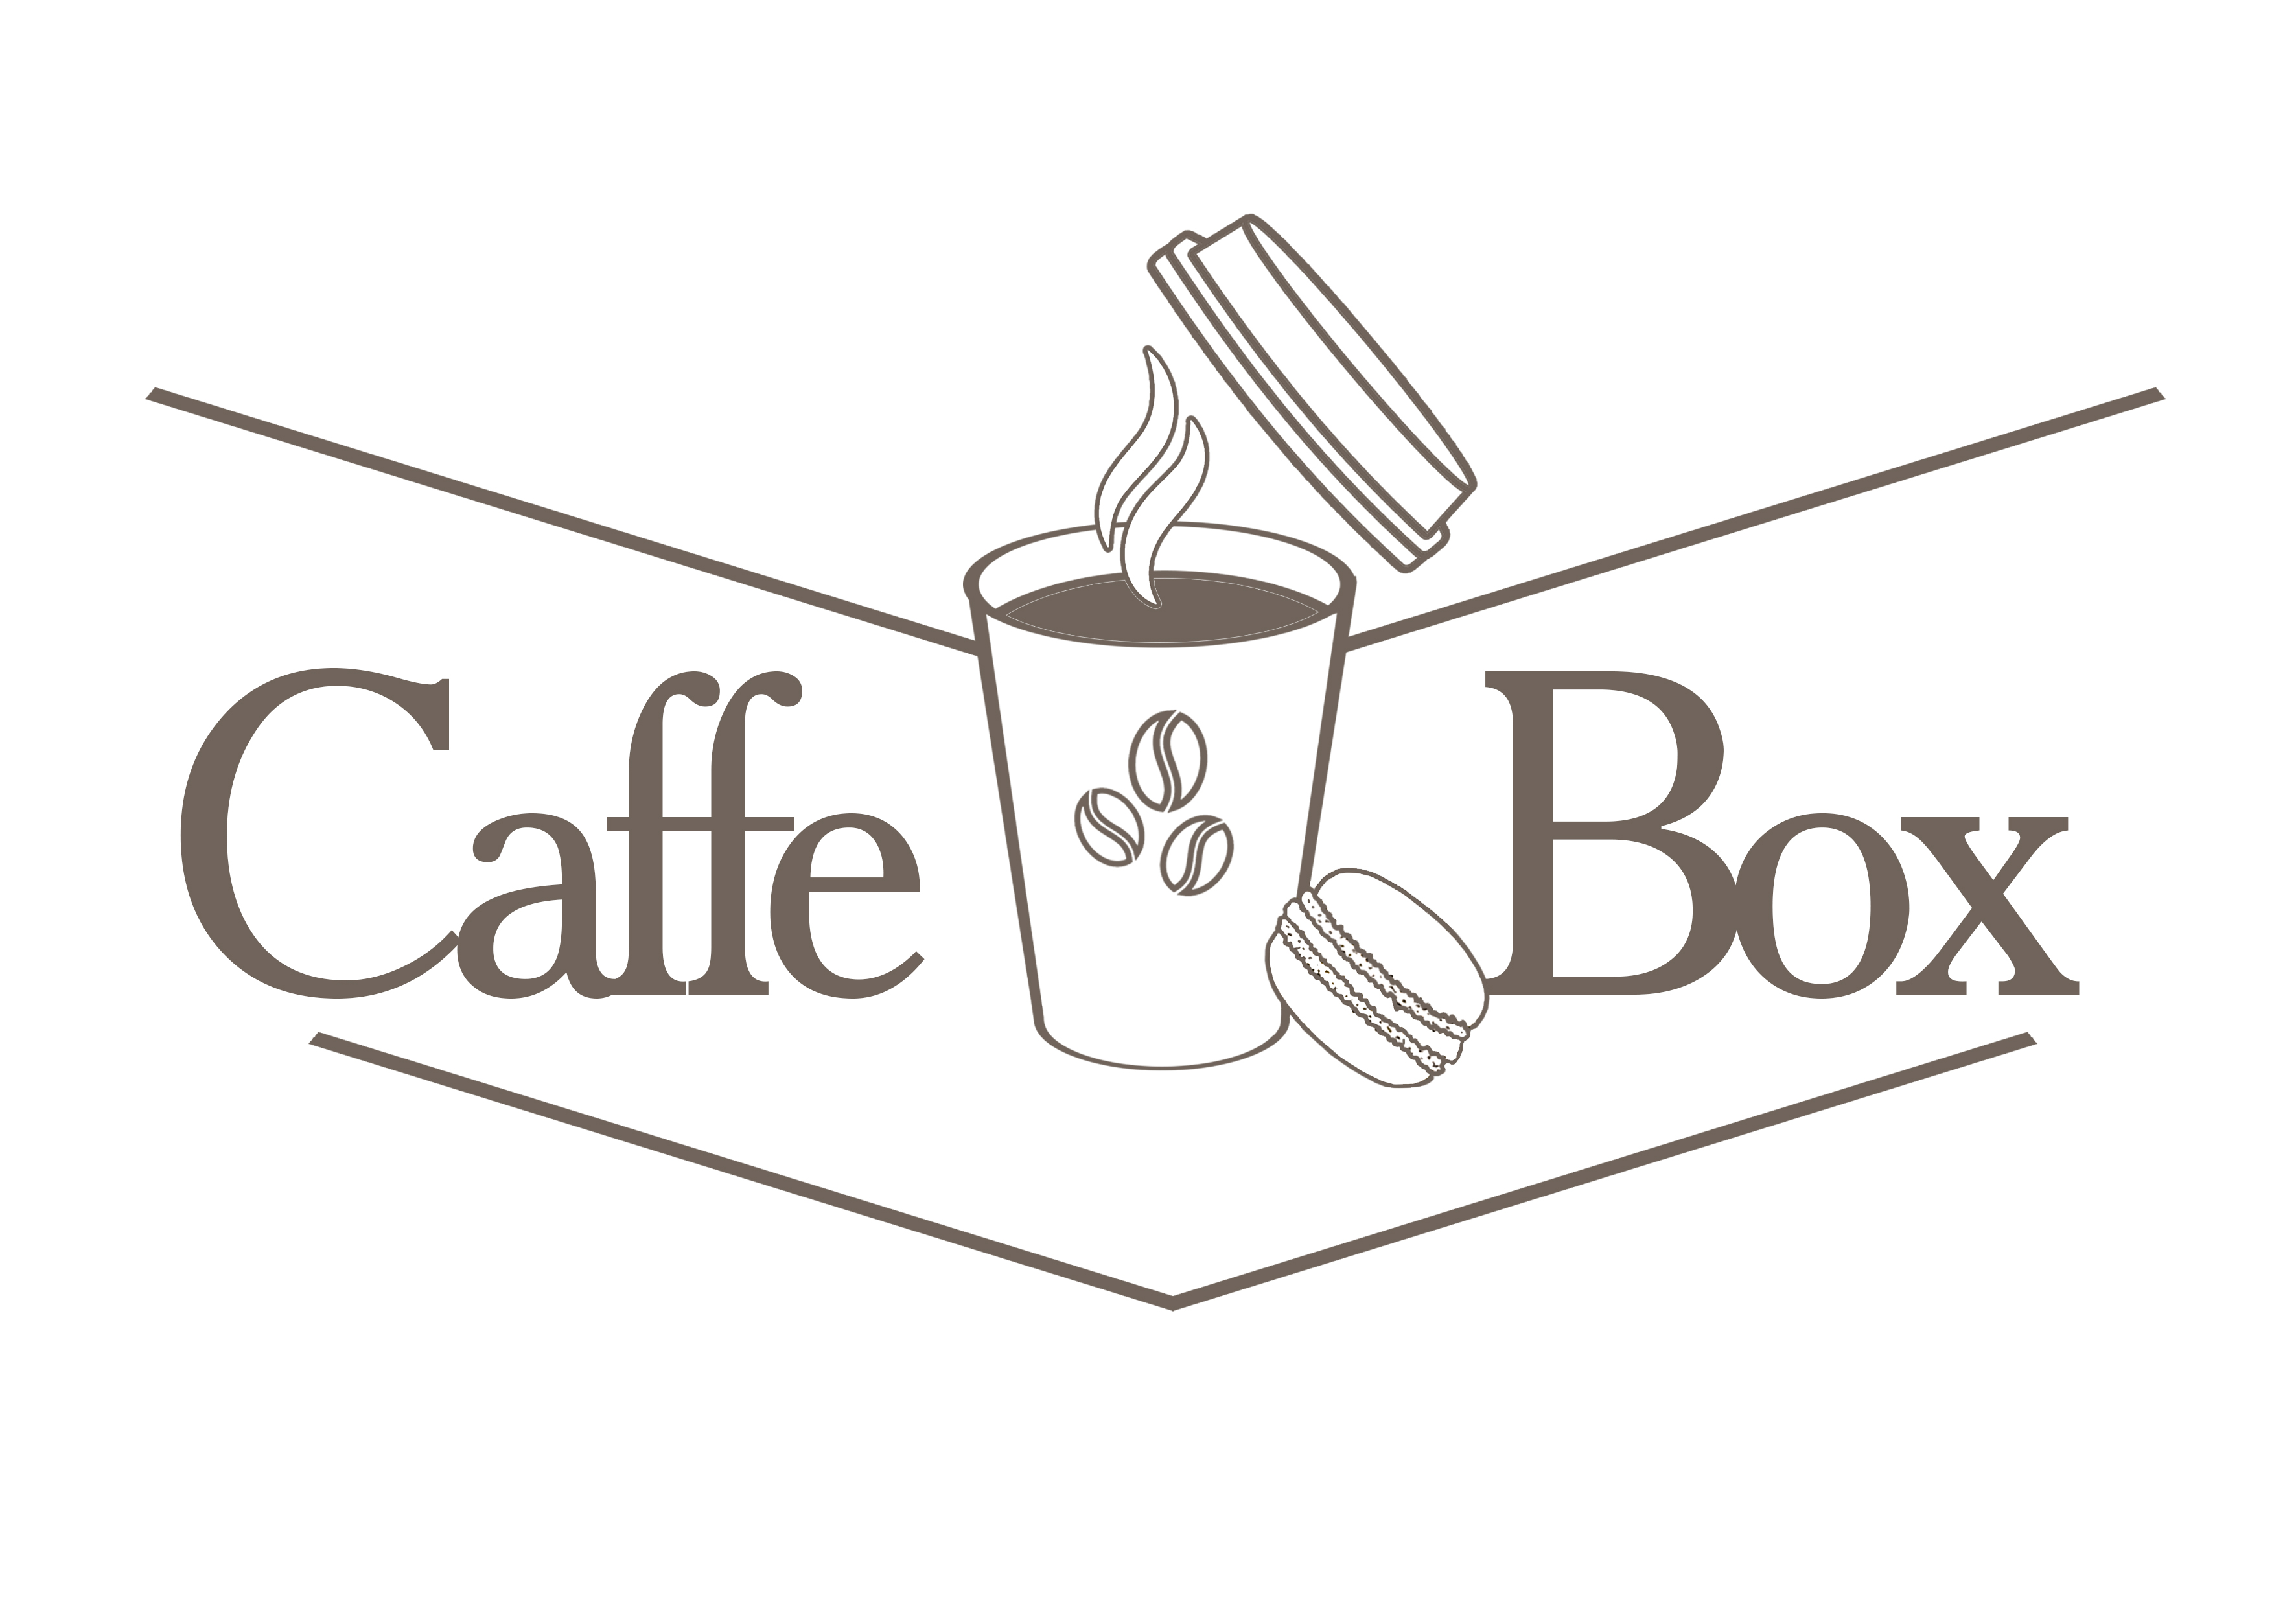 Требуется очень срочно разработать логотип кофейни! фото f_6705a0aa3ac6ebee.jpg